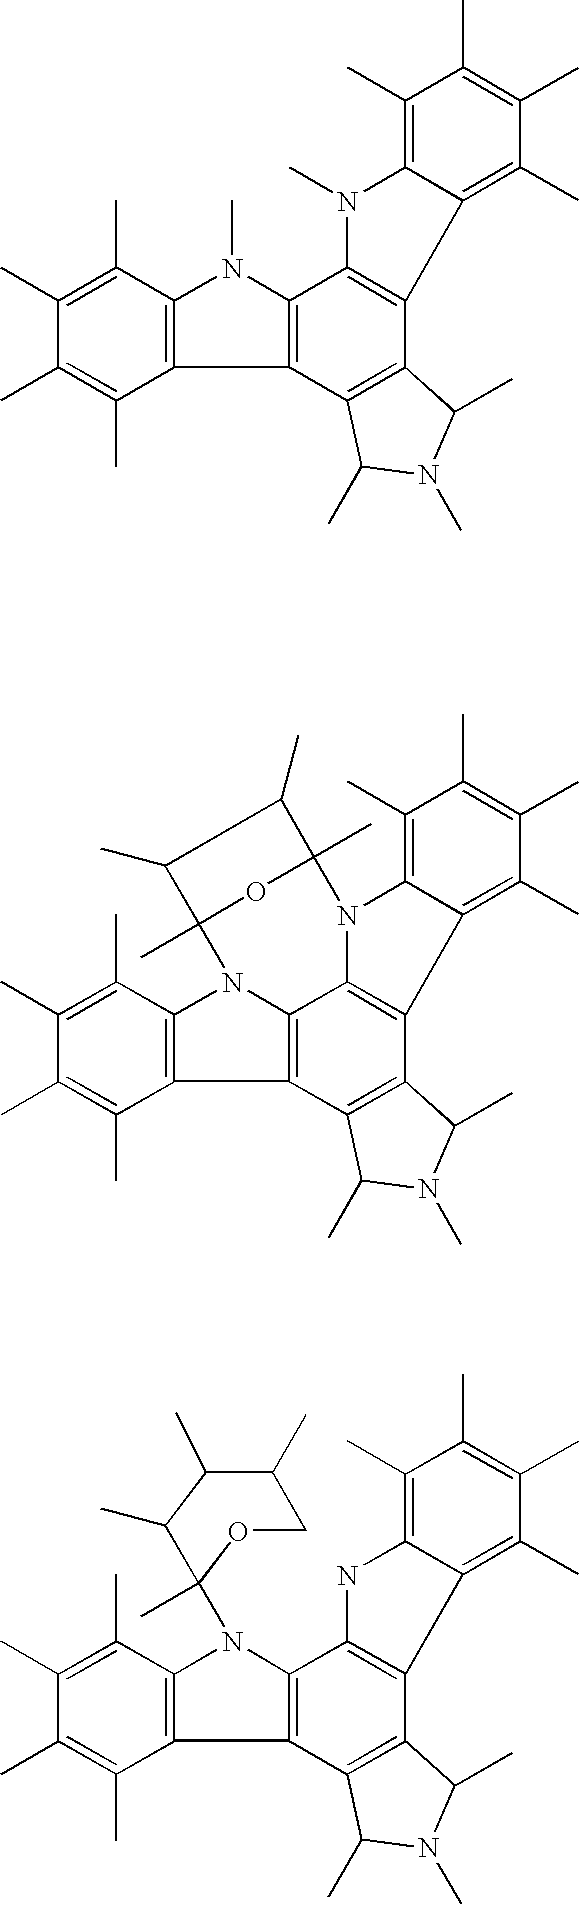 Figure US20070141099A1-20070621-C00002